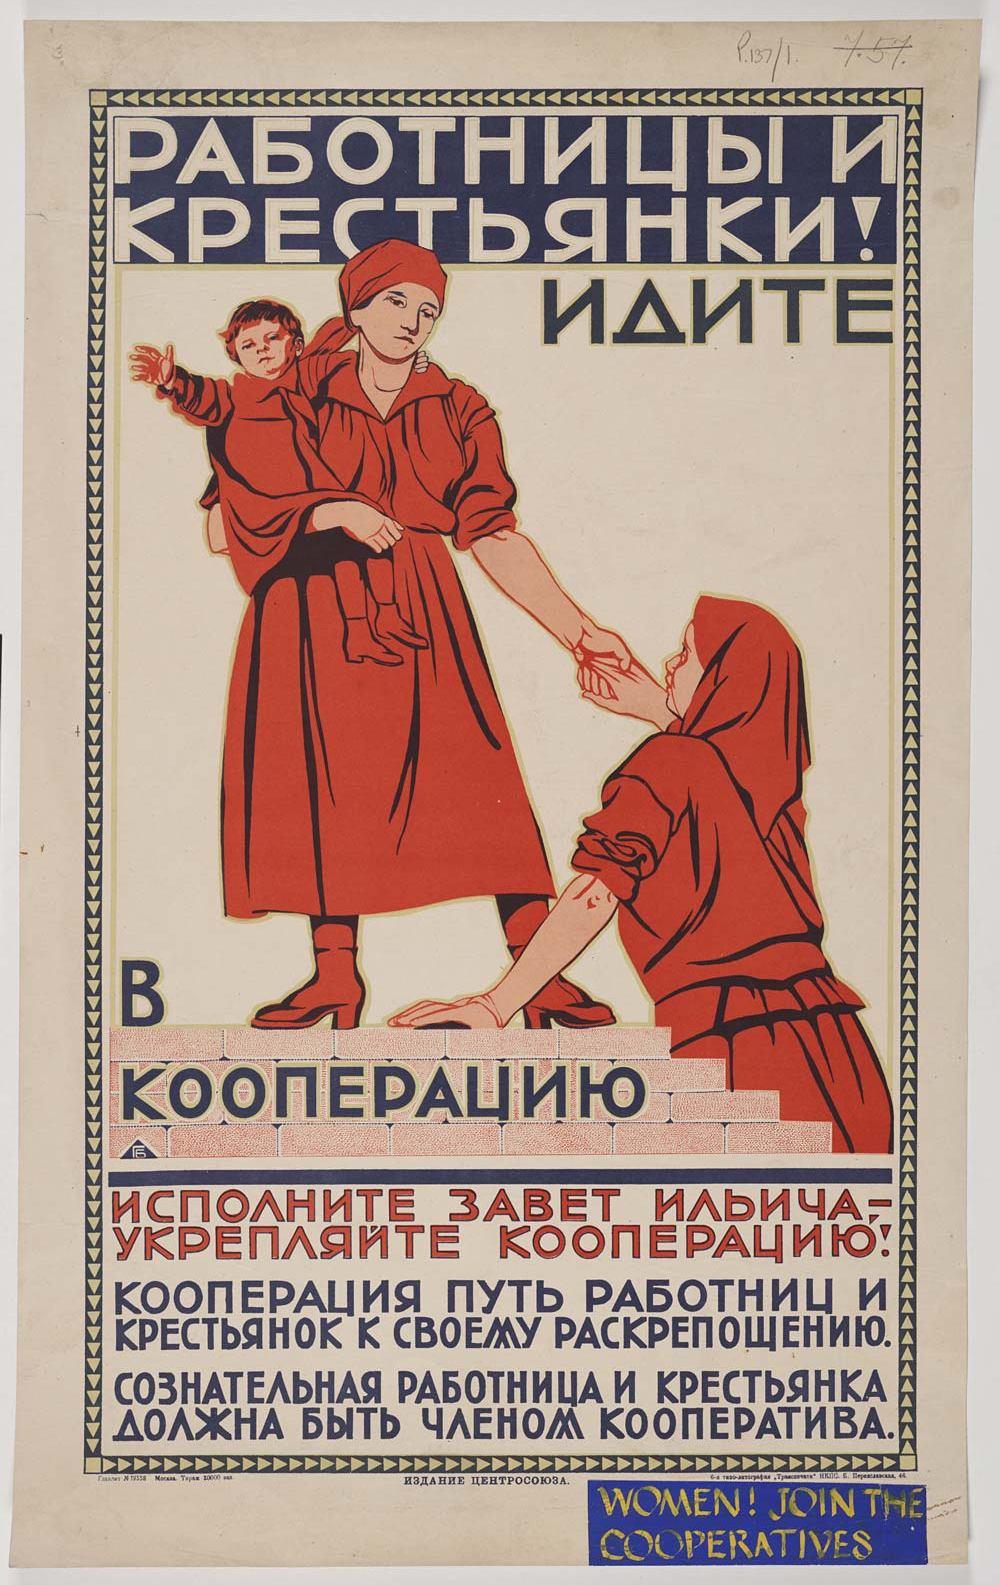 Работницы и крестьянки! Идите в кооперацию Автор: Г. М. Бершадский